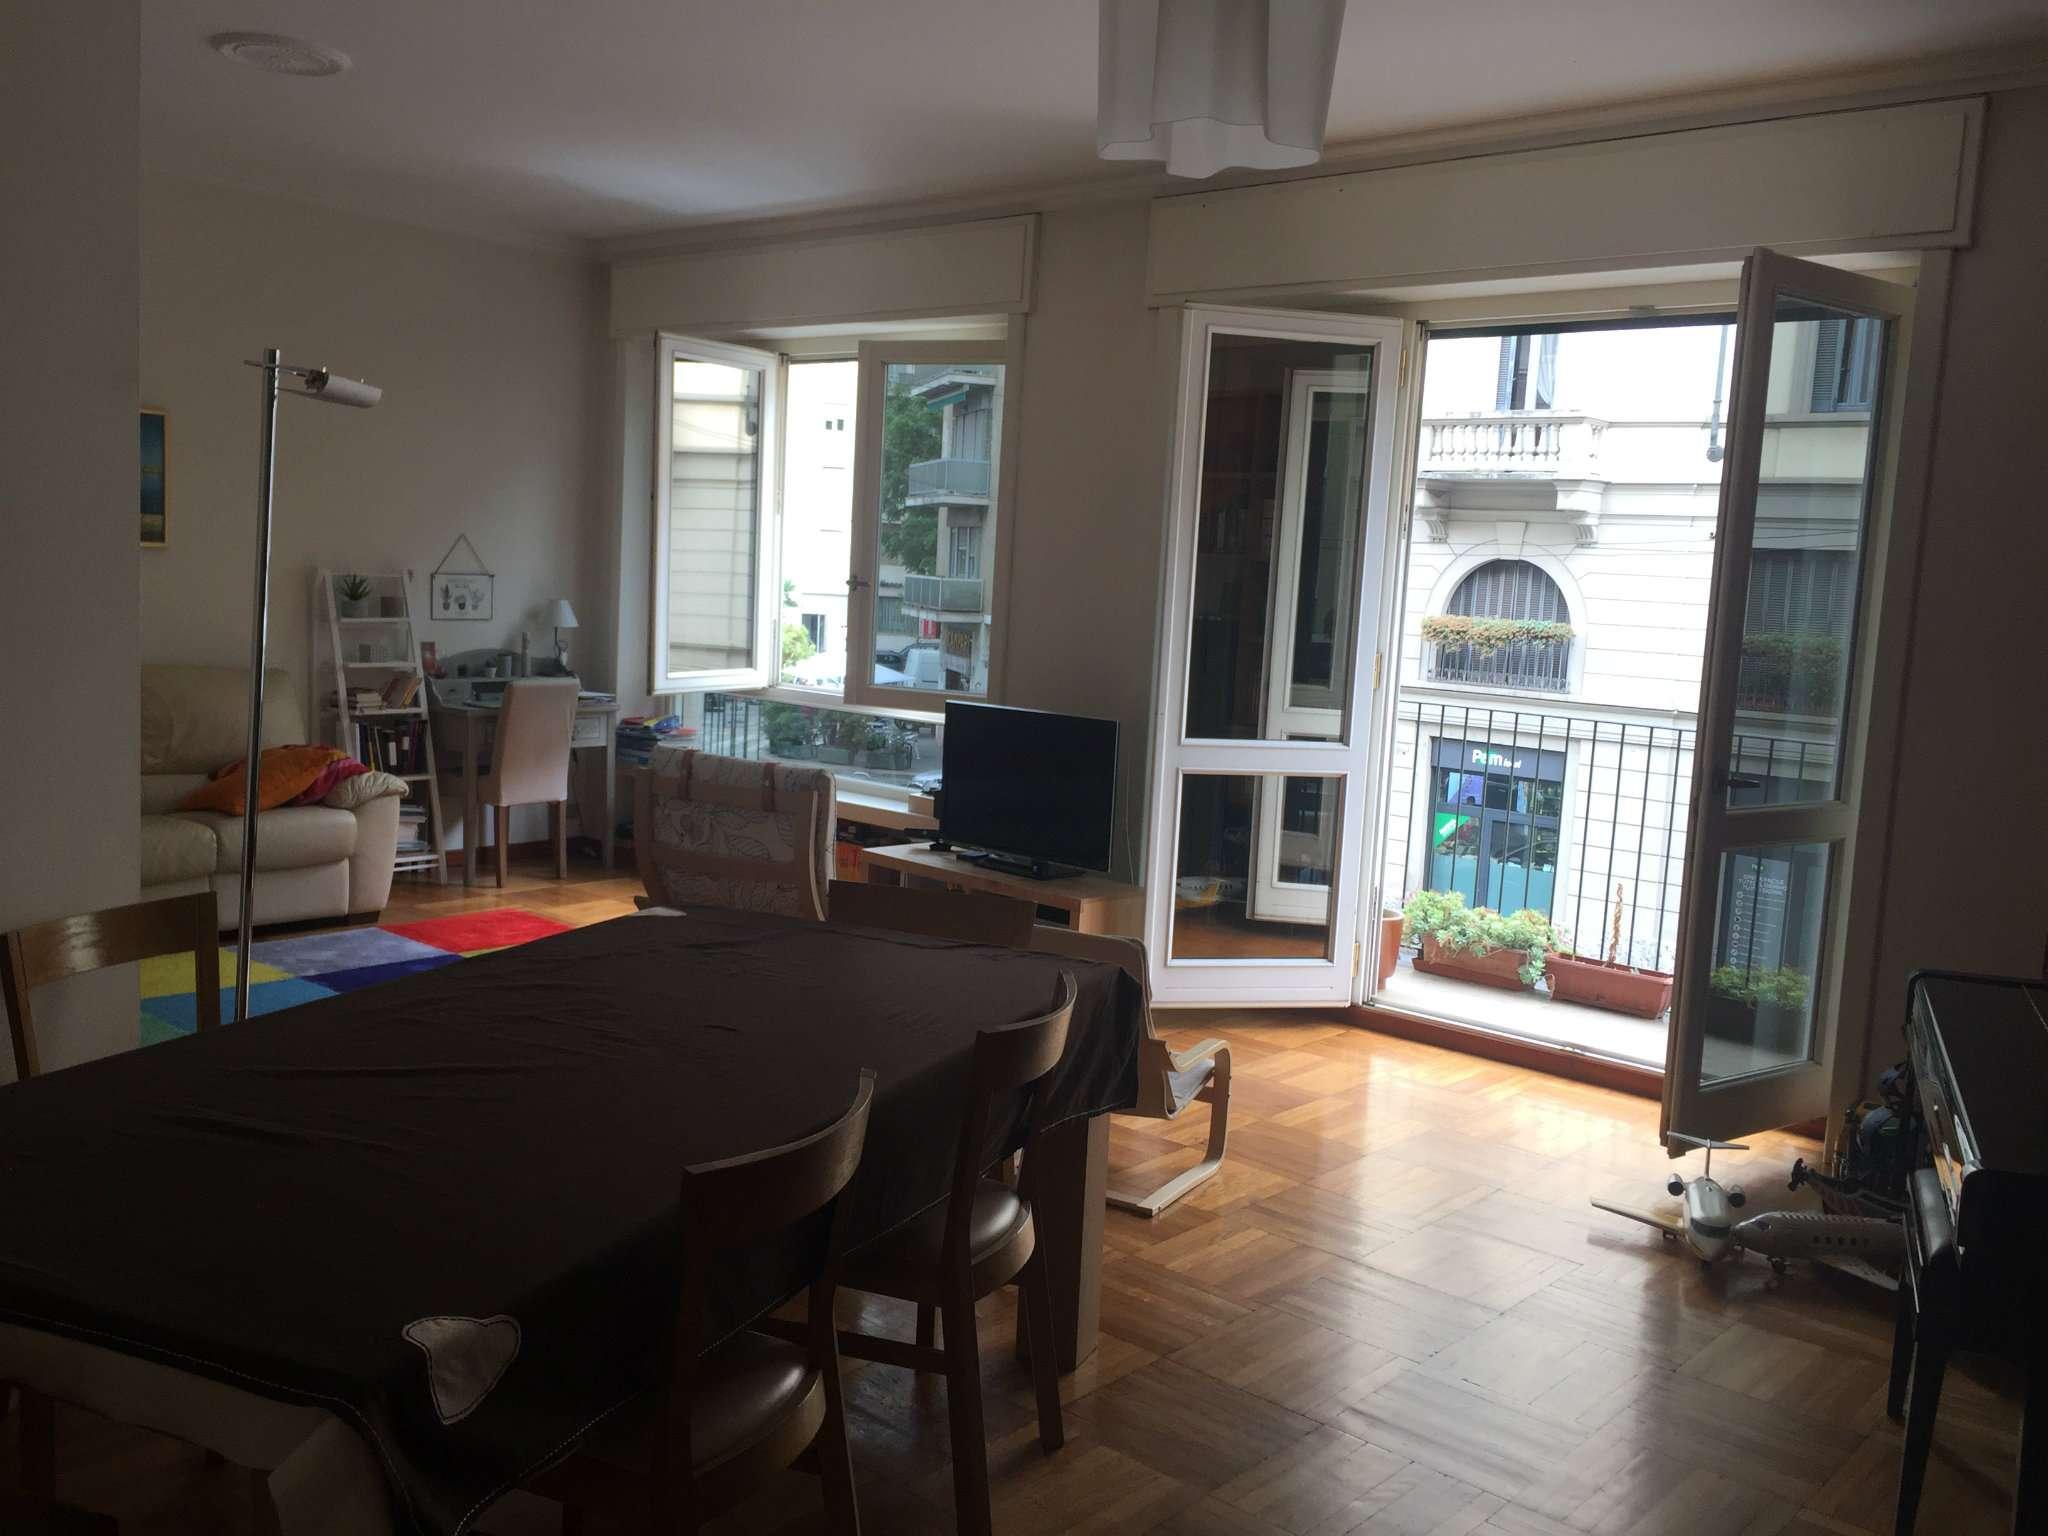 Appartamento in vendita a Milano, 3 locali, zona Zona: 4 . Buenos Aires, Indipendenza, P.ta Venezia, Regina Giovanna, Dateo, prezzo € 665.000 | CambioCasa.it